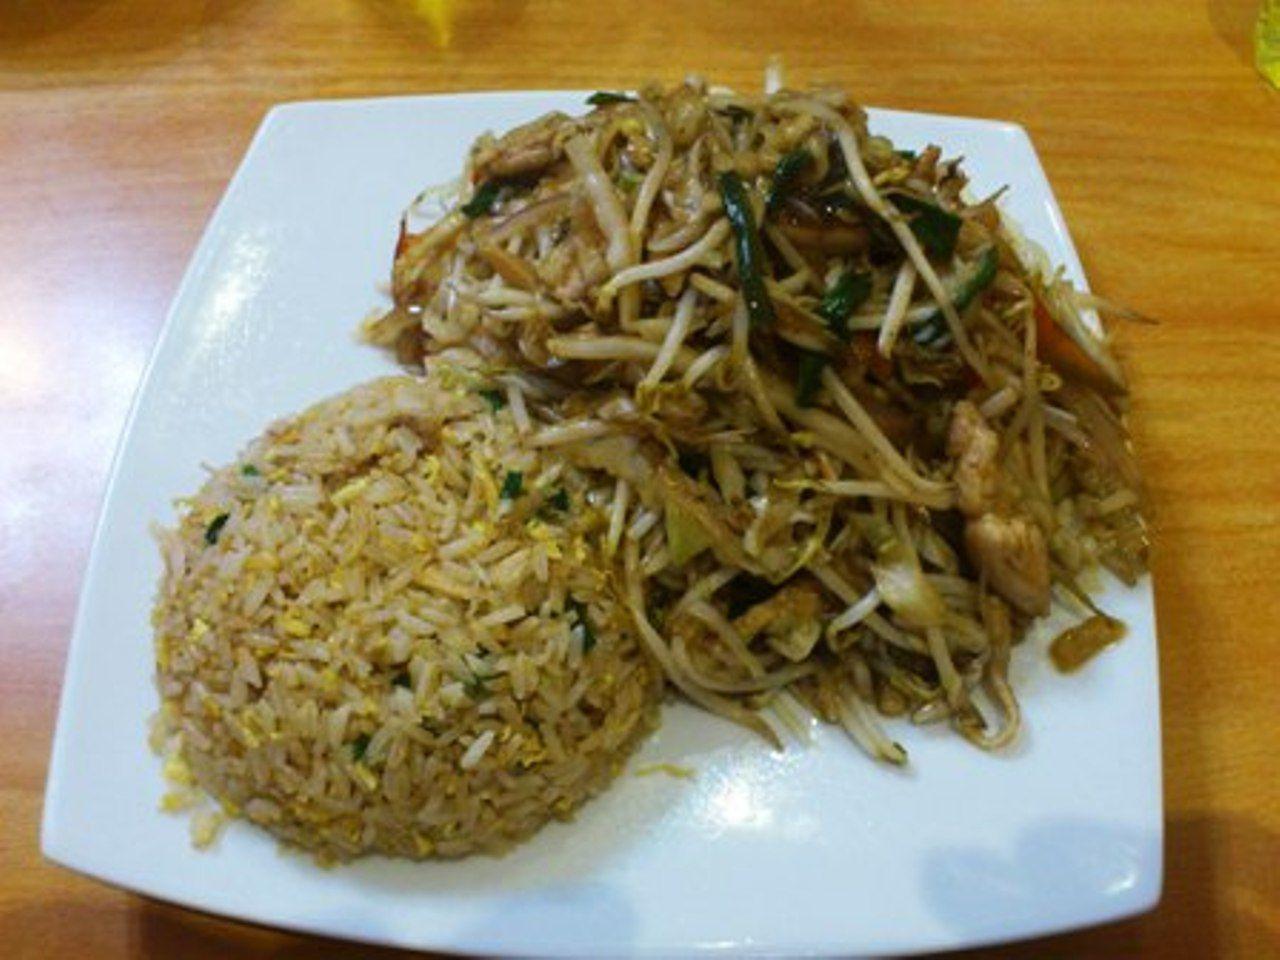 La comida fusi n peruana for Comida francesa df